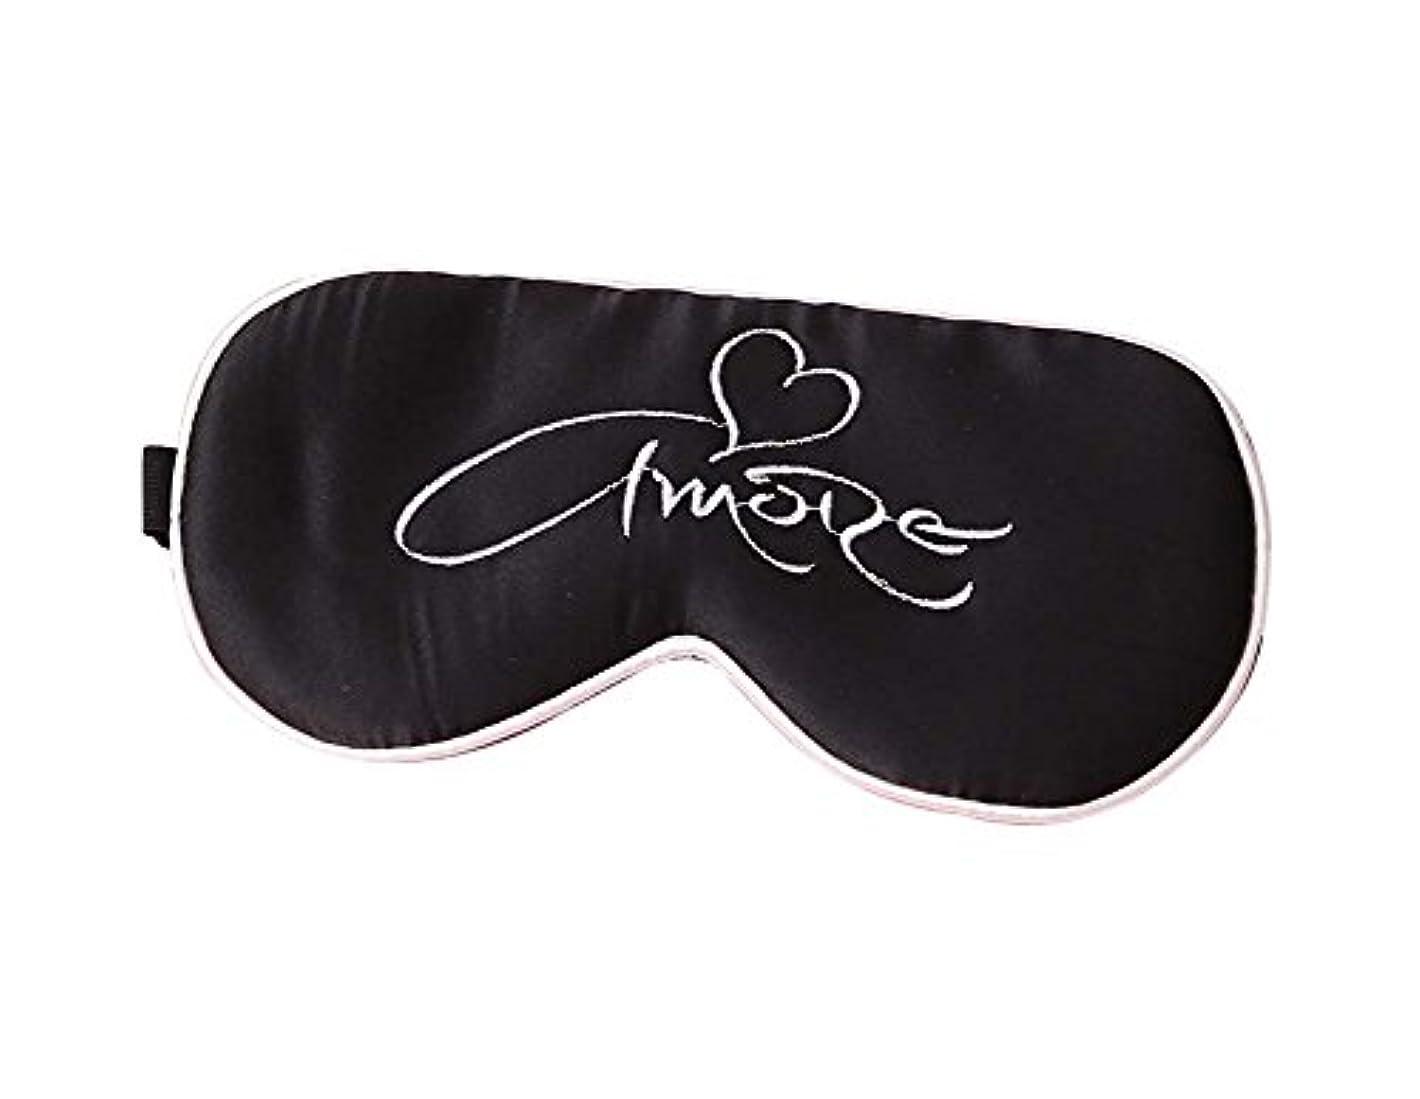 タンク強打版黒い刺繍睡眠のアイマスクシルク快適なアイカバー通気性のアイシェード